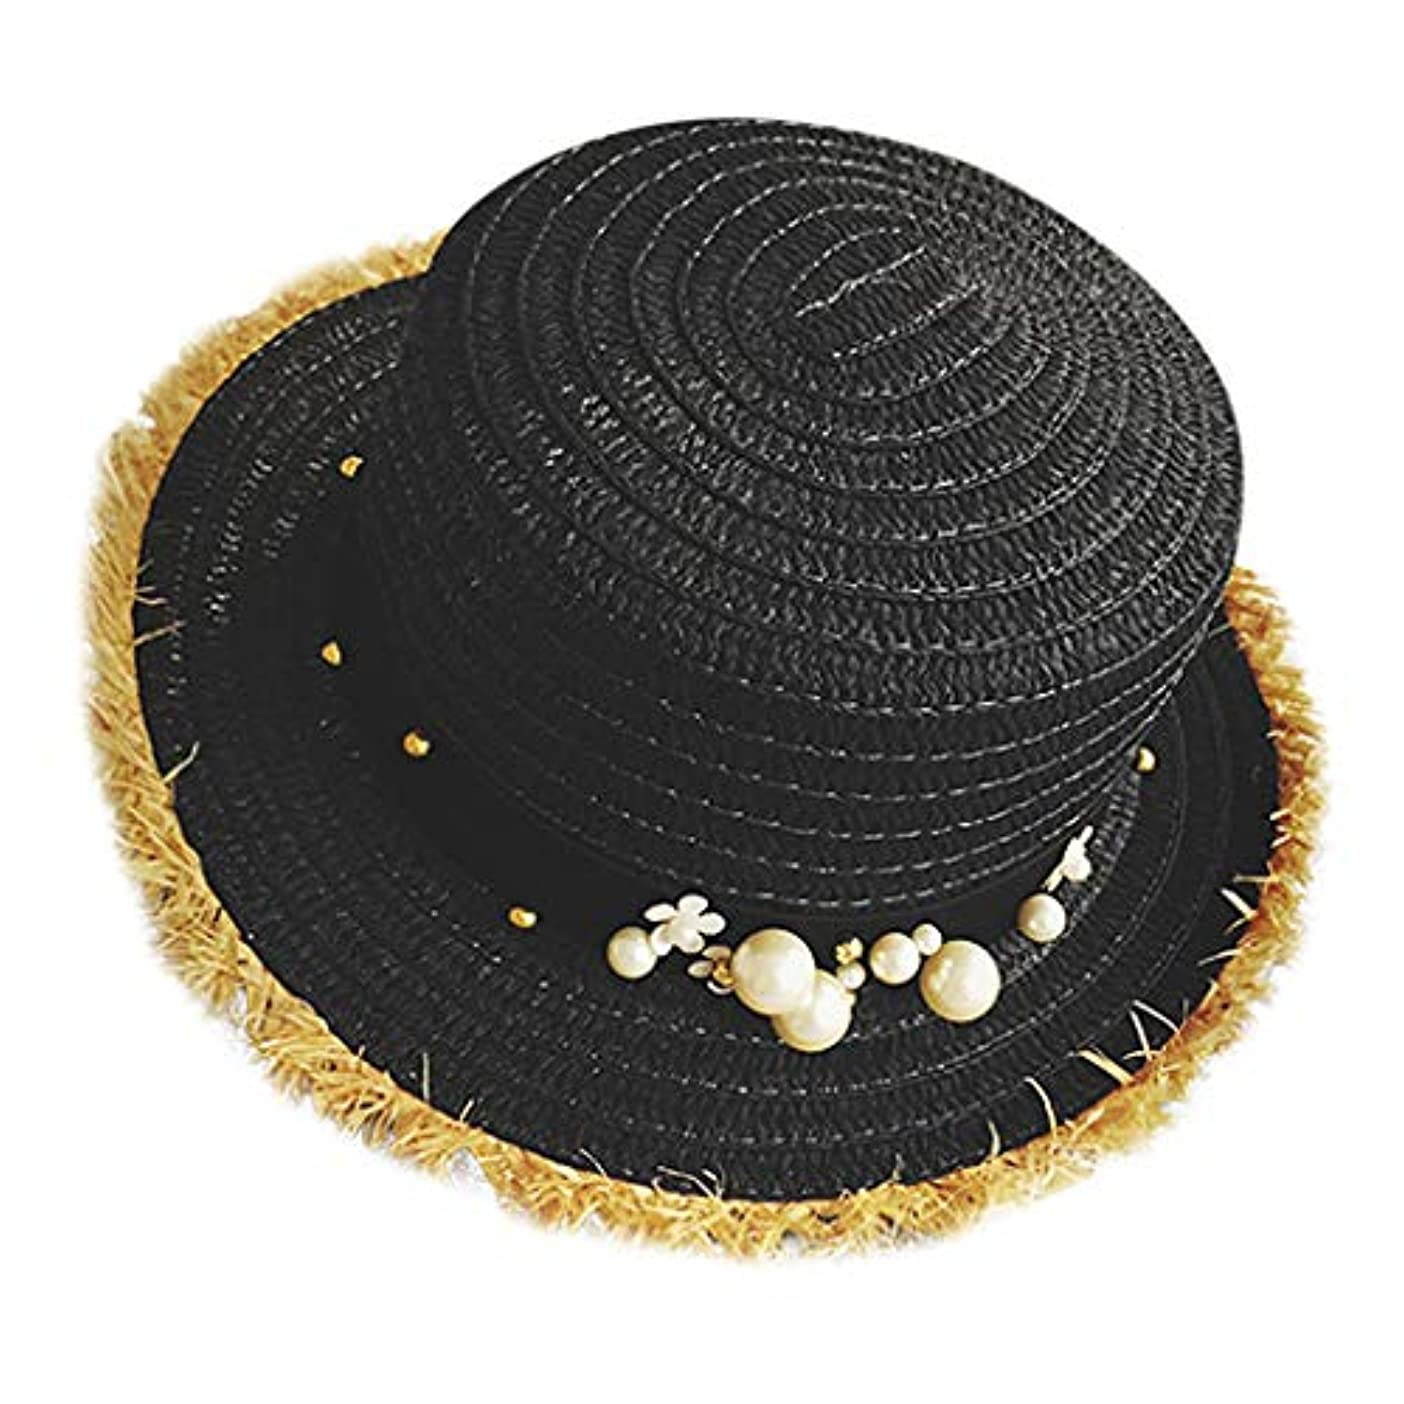 ボード振幅浸す帽子 レディース UVカット 帽子 麦わら帽子 UV帽子 紫外線対策 通気性 漁師の帽子 ニット帽 マニュアル 真珠 太陽 キャップ 余暇 休暇 キャップ レディース ハンチング帽 大きいサイズ 発送 ROSE ROMAN